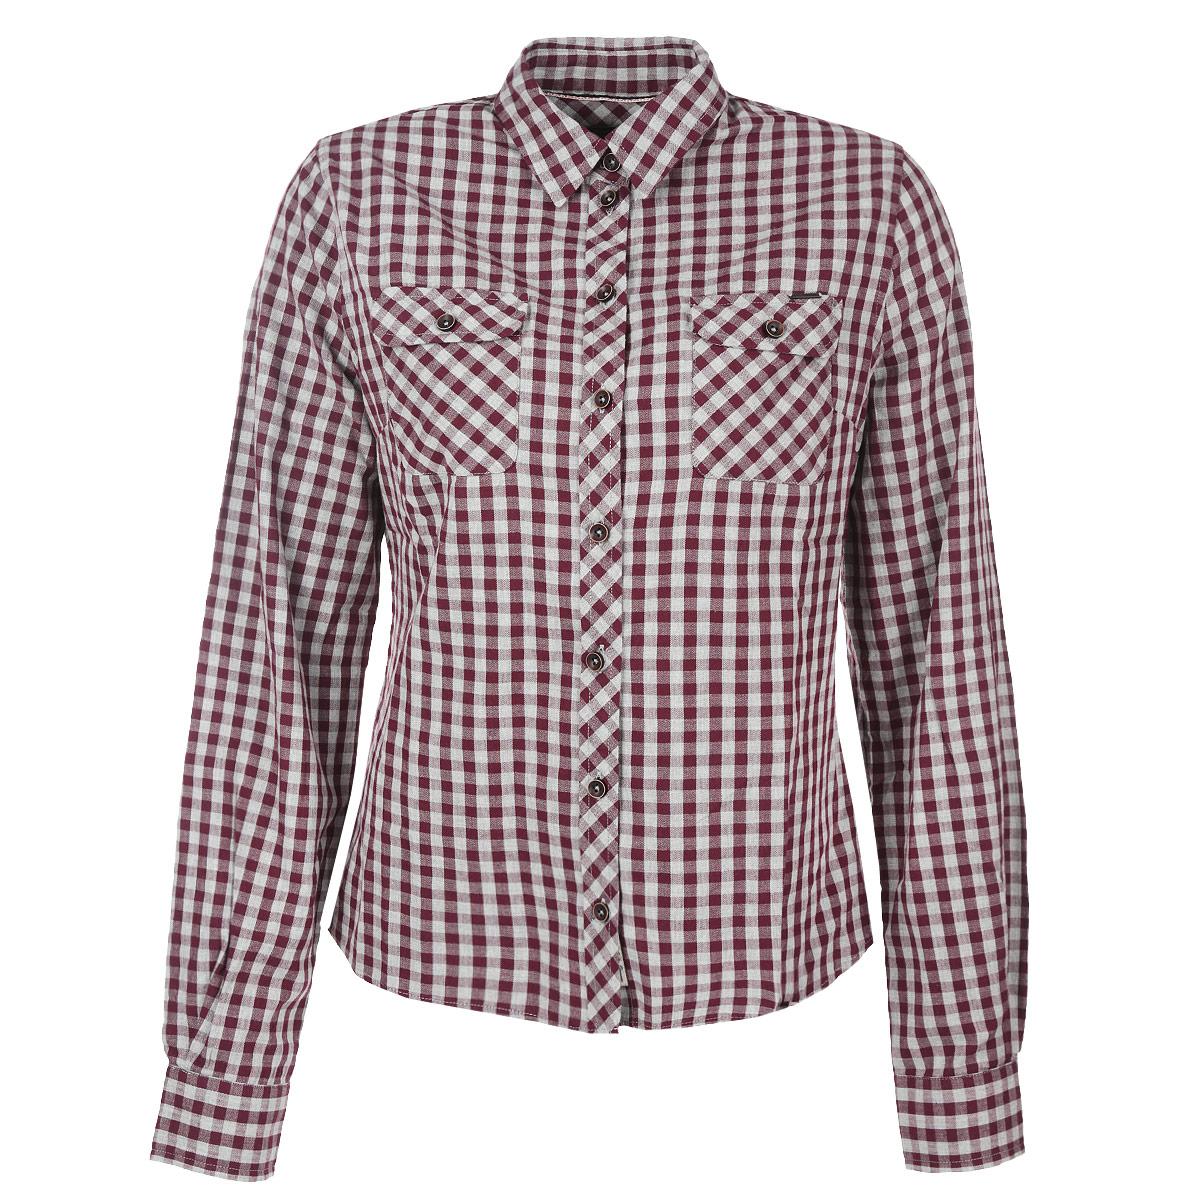 Рубашка женская. LCHWW043LCHWW043/WINEЖенская рубашка Lee Cooper, выполненная из высококачественного хлопка, обладает высокой теплопроводностью, воздухопроницаемостью и гигроскопичностью, позволяет коже дышать, тем самым обеспечивая наибольший комфорт при носке. Модель классического кроя с отложным воротником застегивается на пуговицы. Рубашка дополнена двумя накладными карманами на пуговицах на груди. Длинные рукава рубашки дополнены манжетами на пуговицах. Рубашка оформлена актуальным принтом в мелкую клетку Такая рубашка подчеркнет ваш вкус и поможет создать великолепный стильный образ.